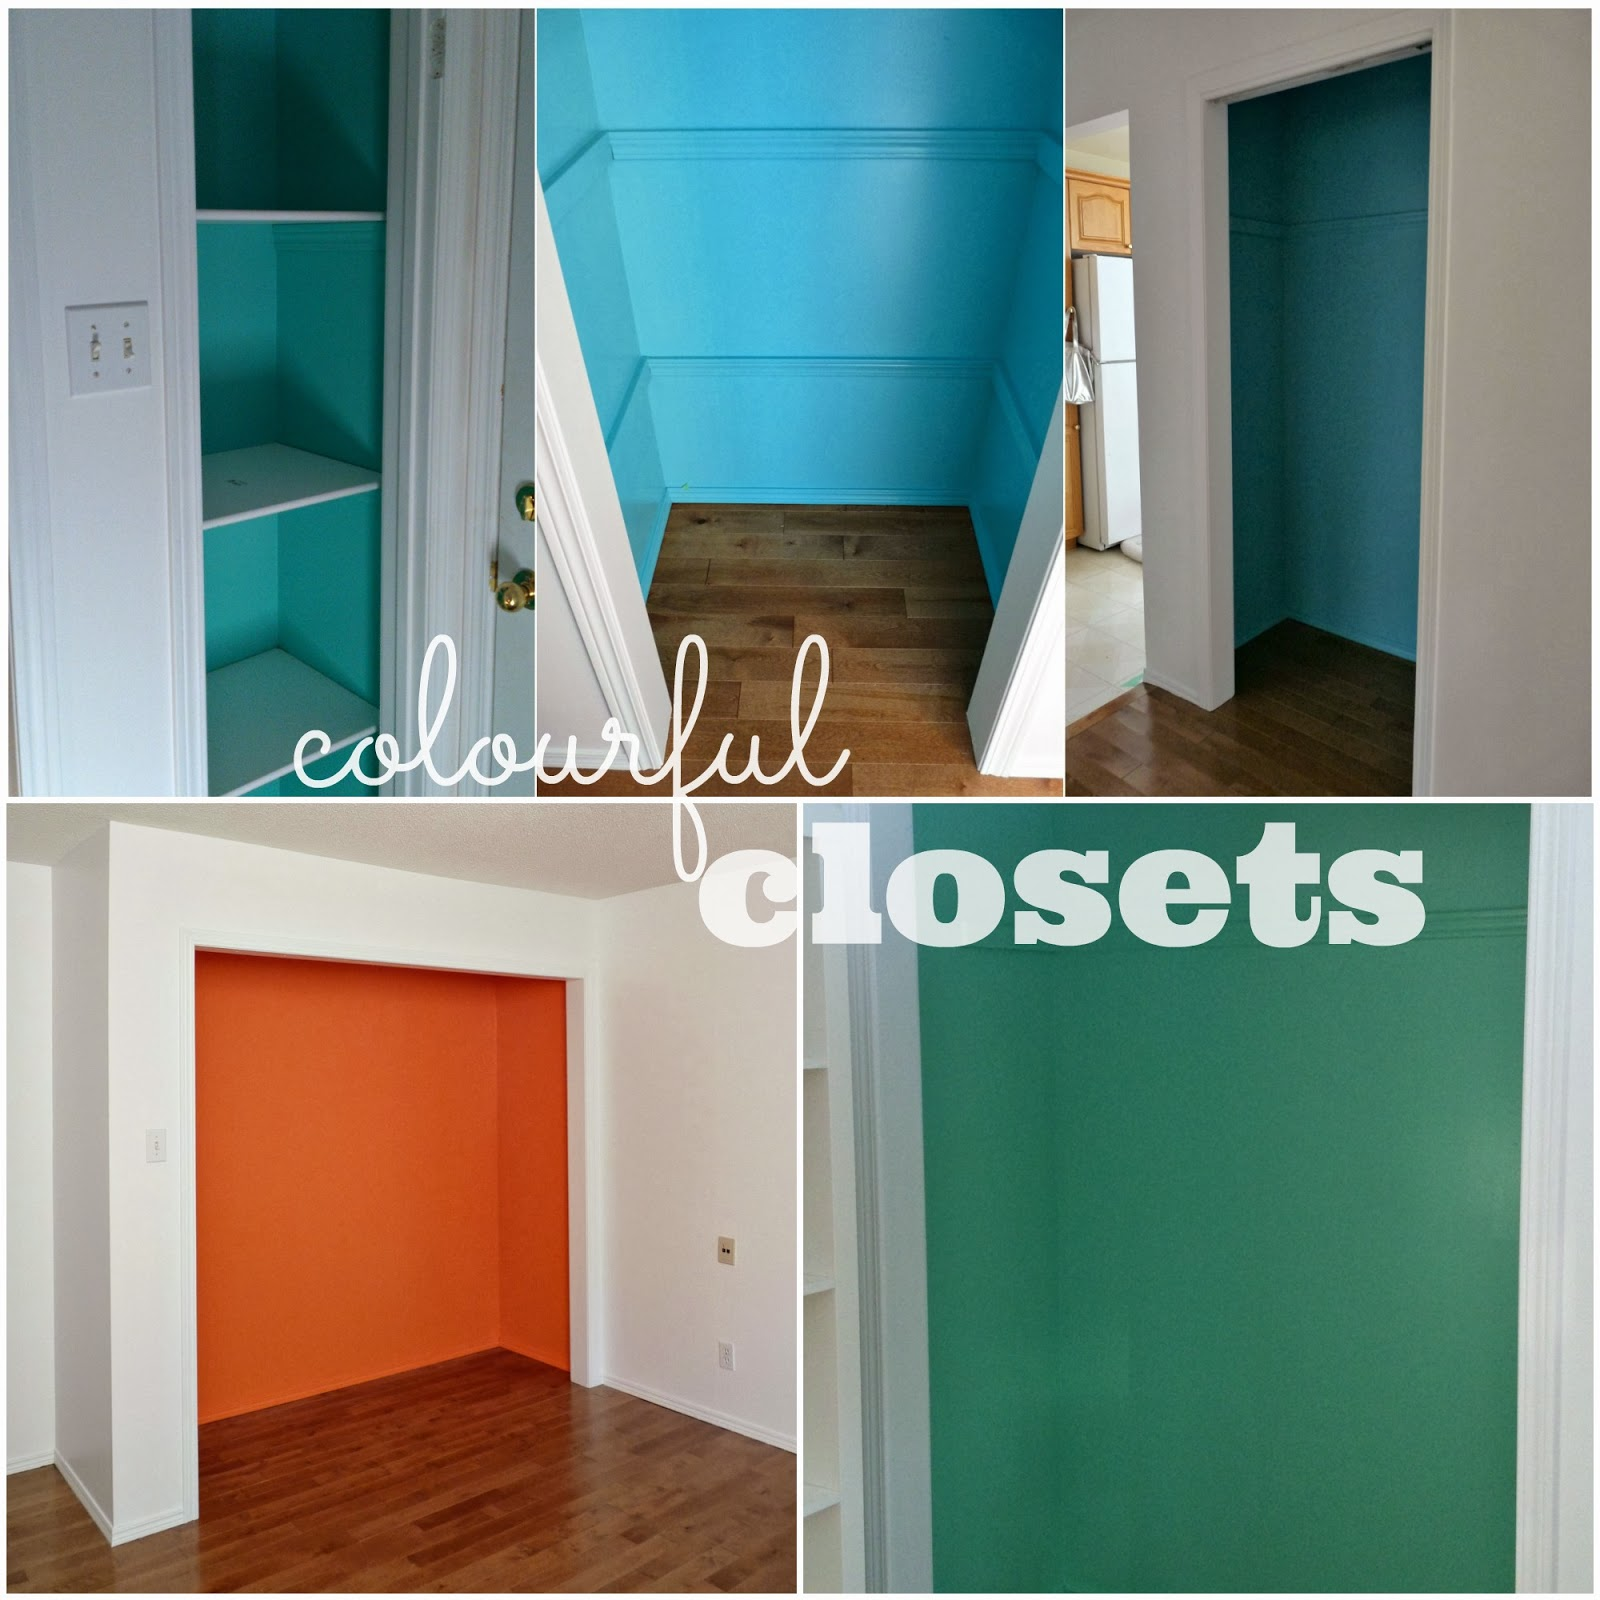 Colourful closets